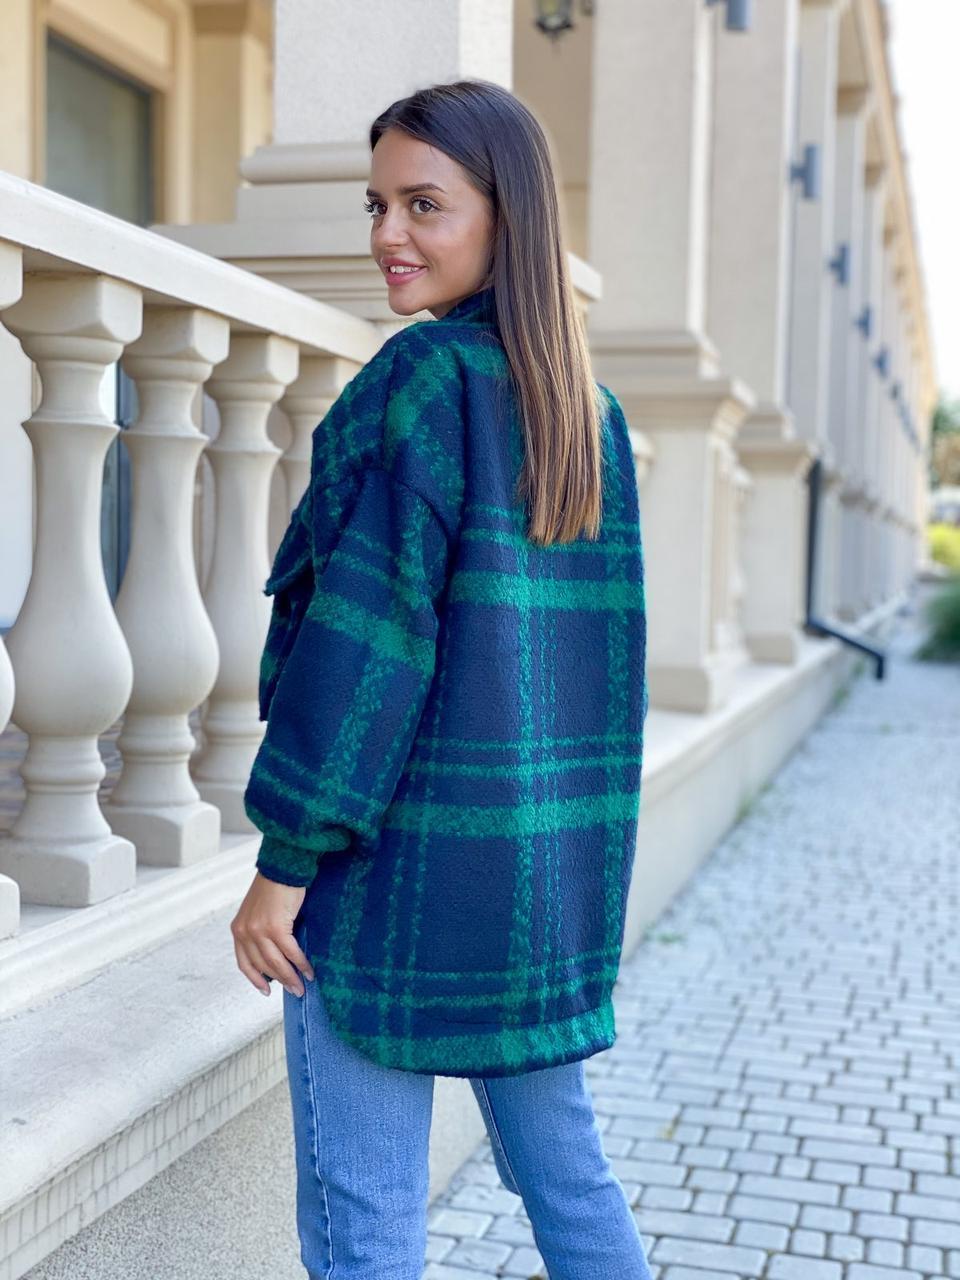 Пальто рубушка 2020 Синий/Зеленый